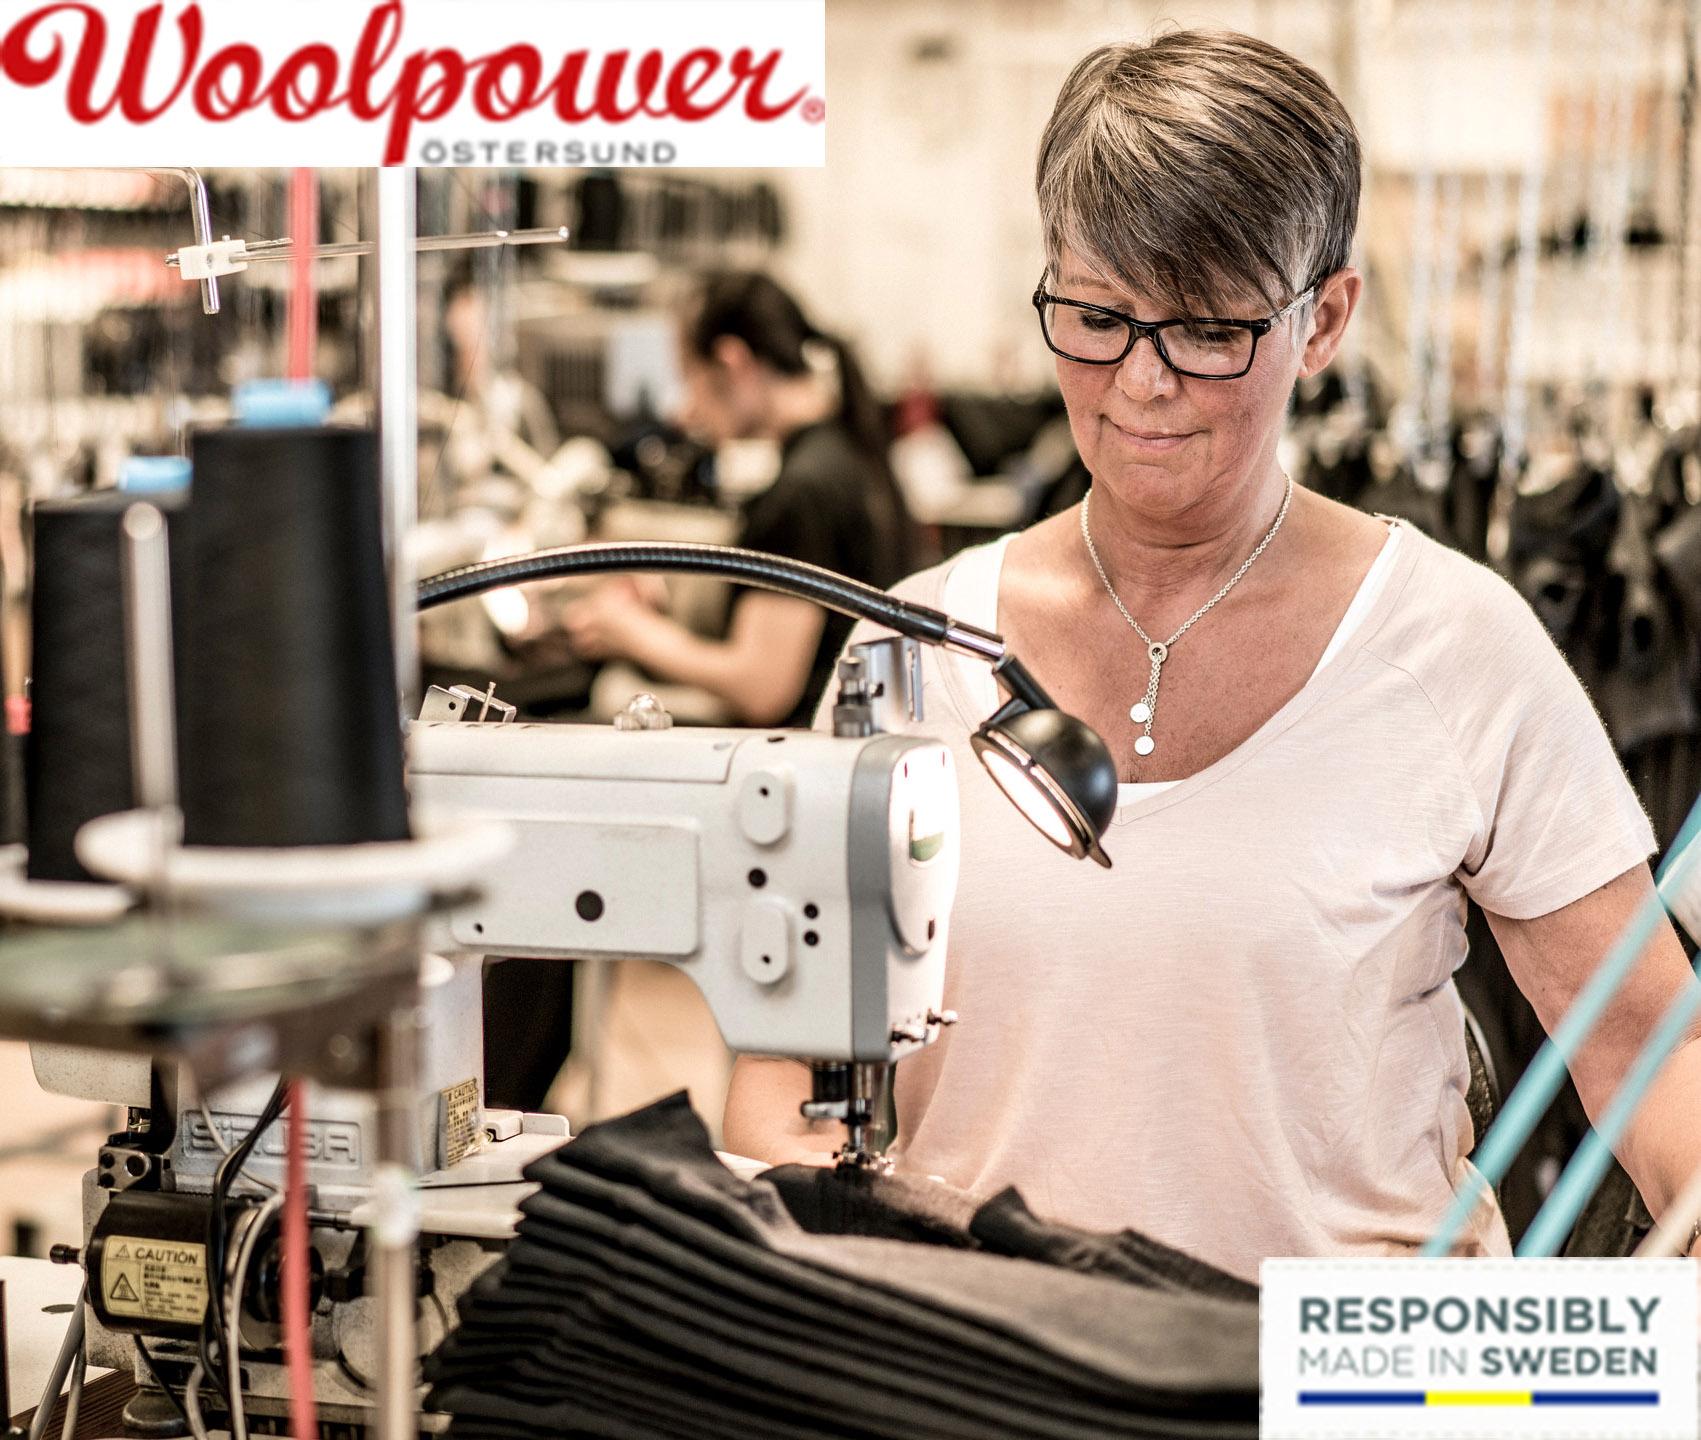 Woolpower Mitarbeiterin bei der Arbeit